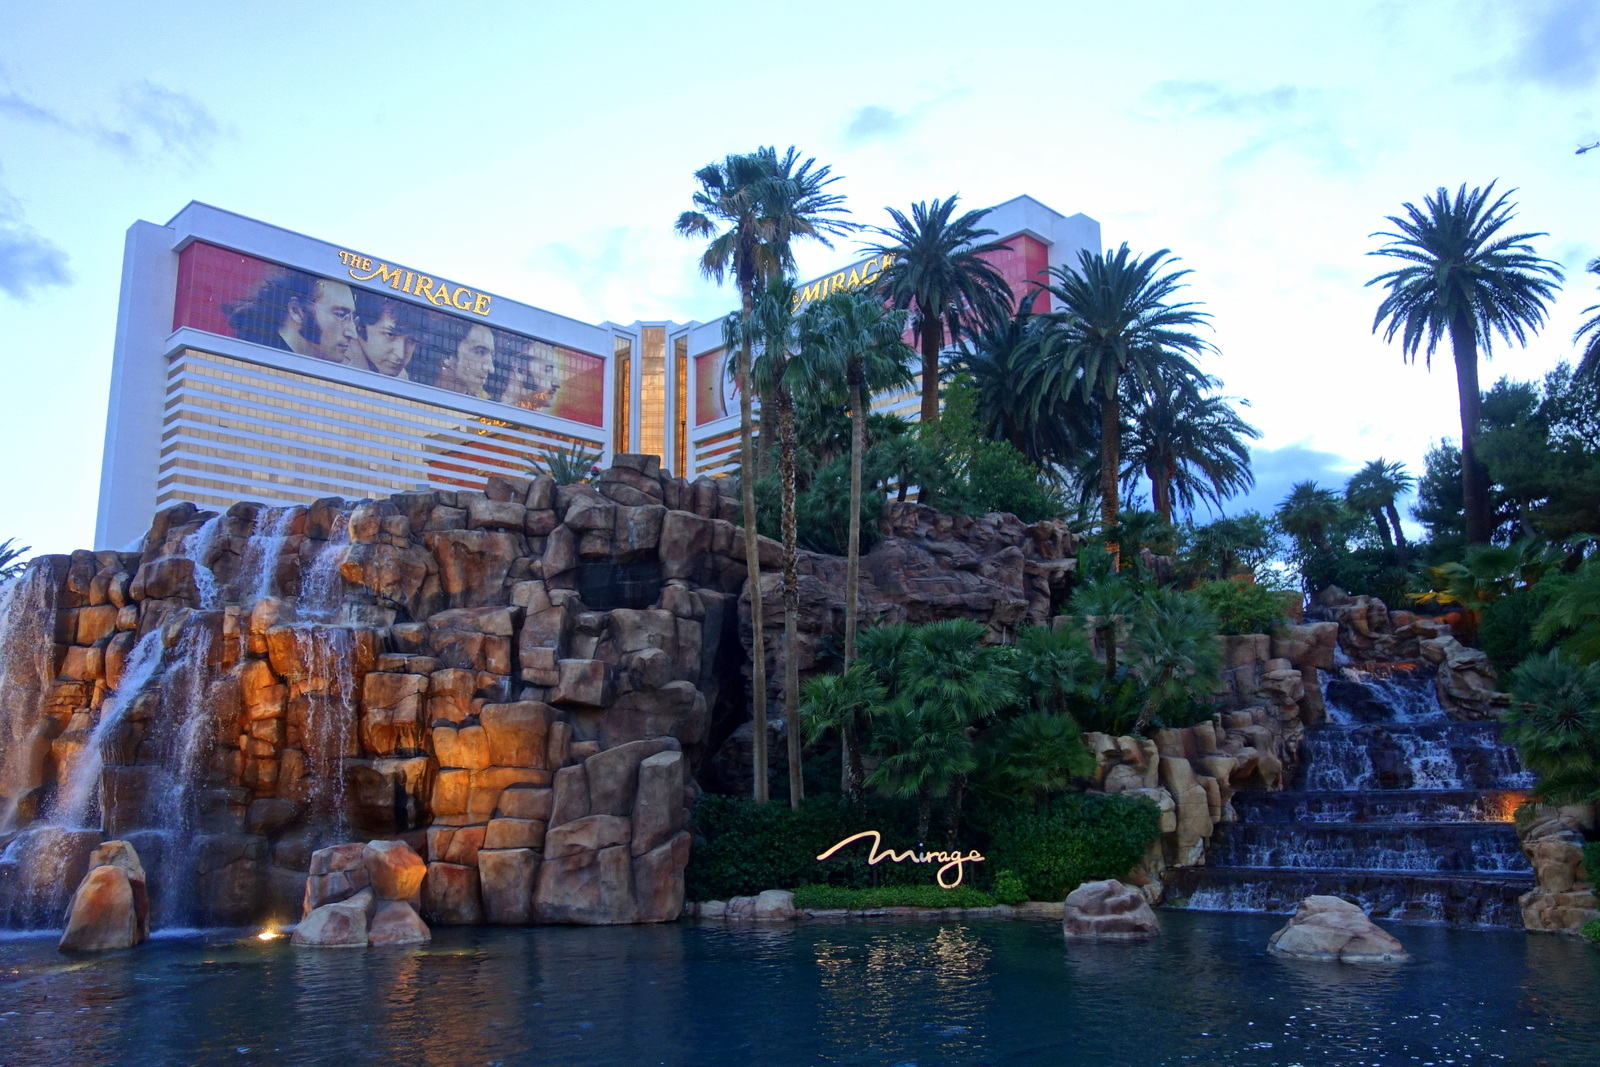 Le Mirage, hotel & Casino à Las Vegas